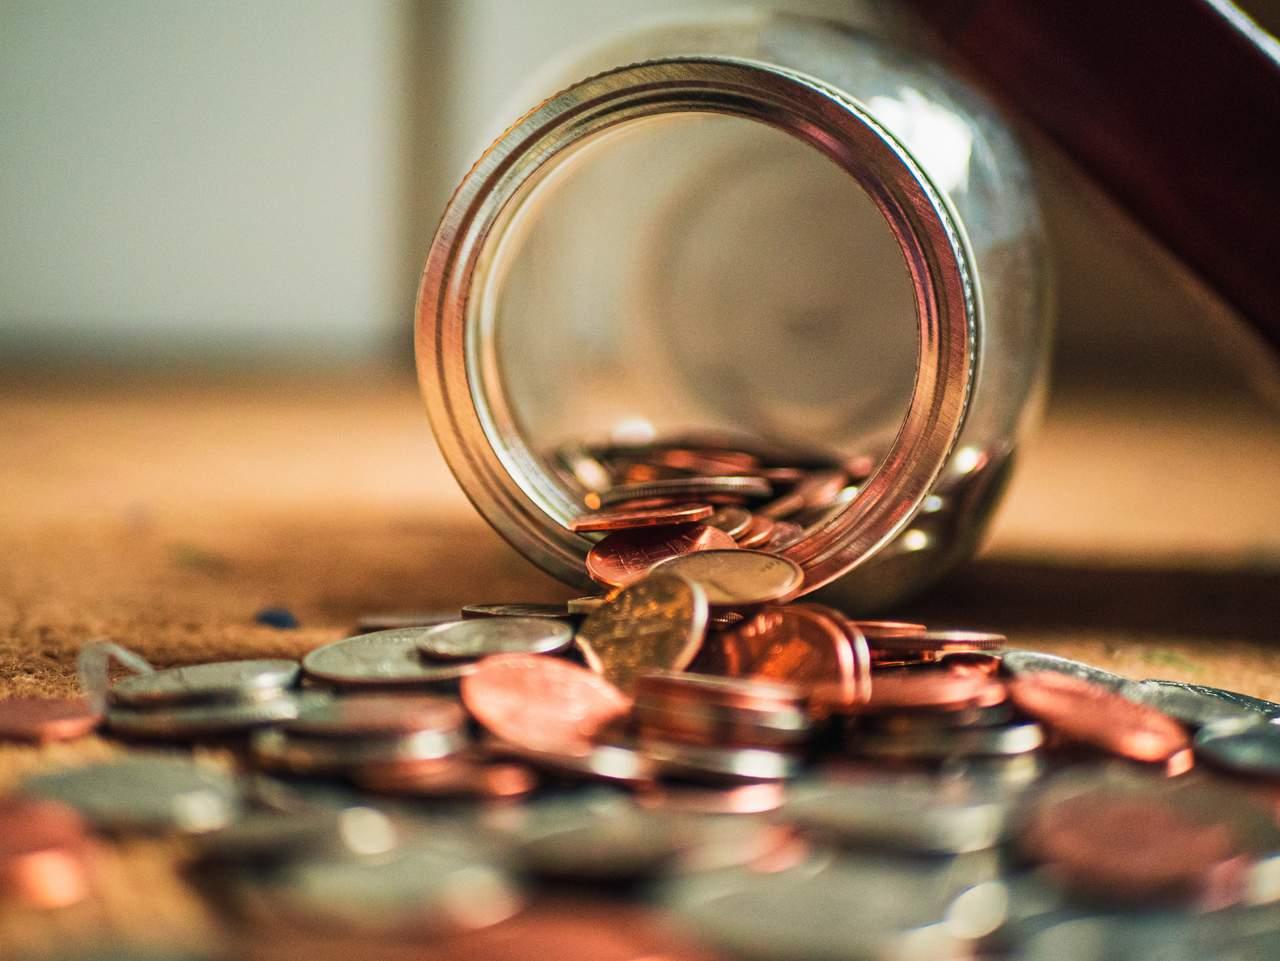 pote cofrinho de moedas aberto com moedas espalhadas sob a mesa